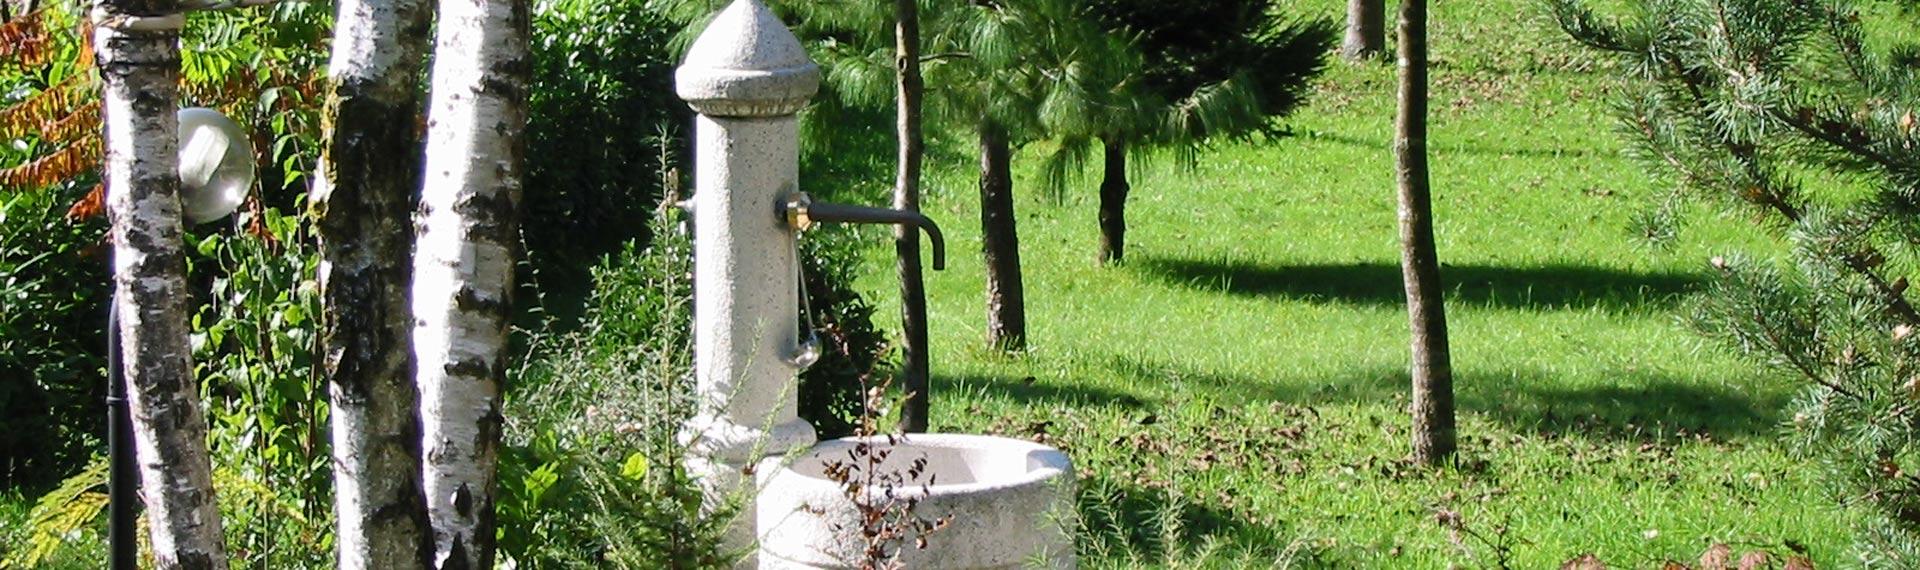 fontana-per-giardino